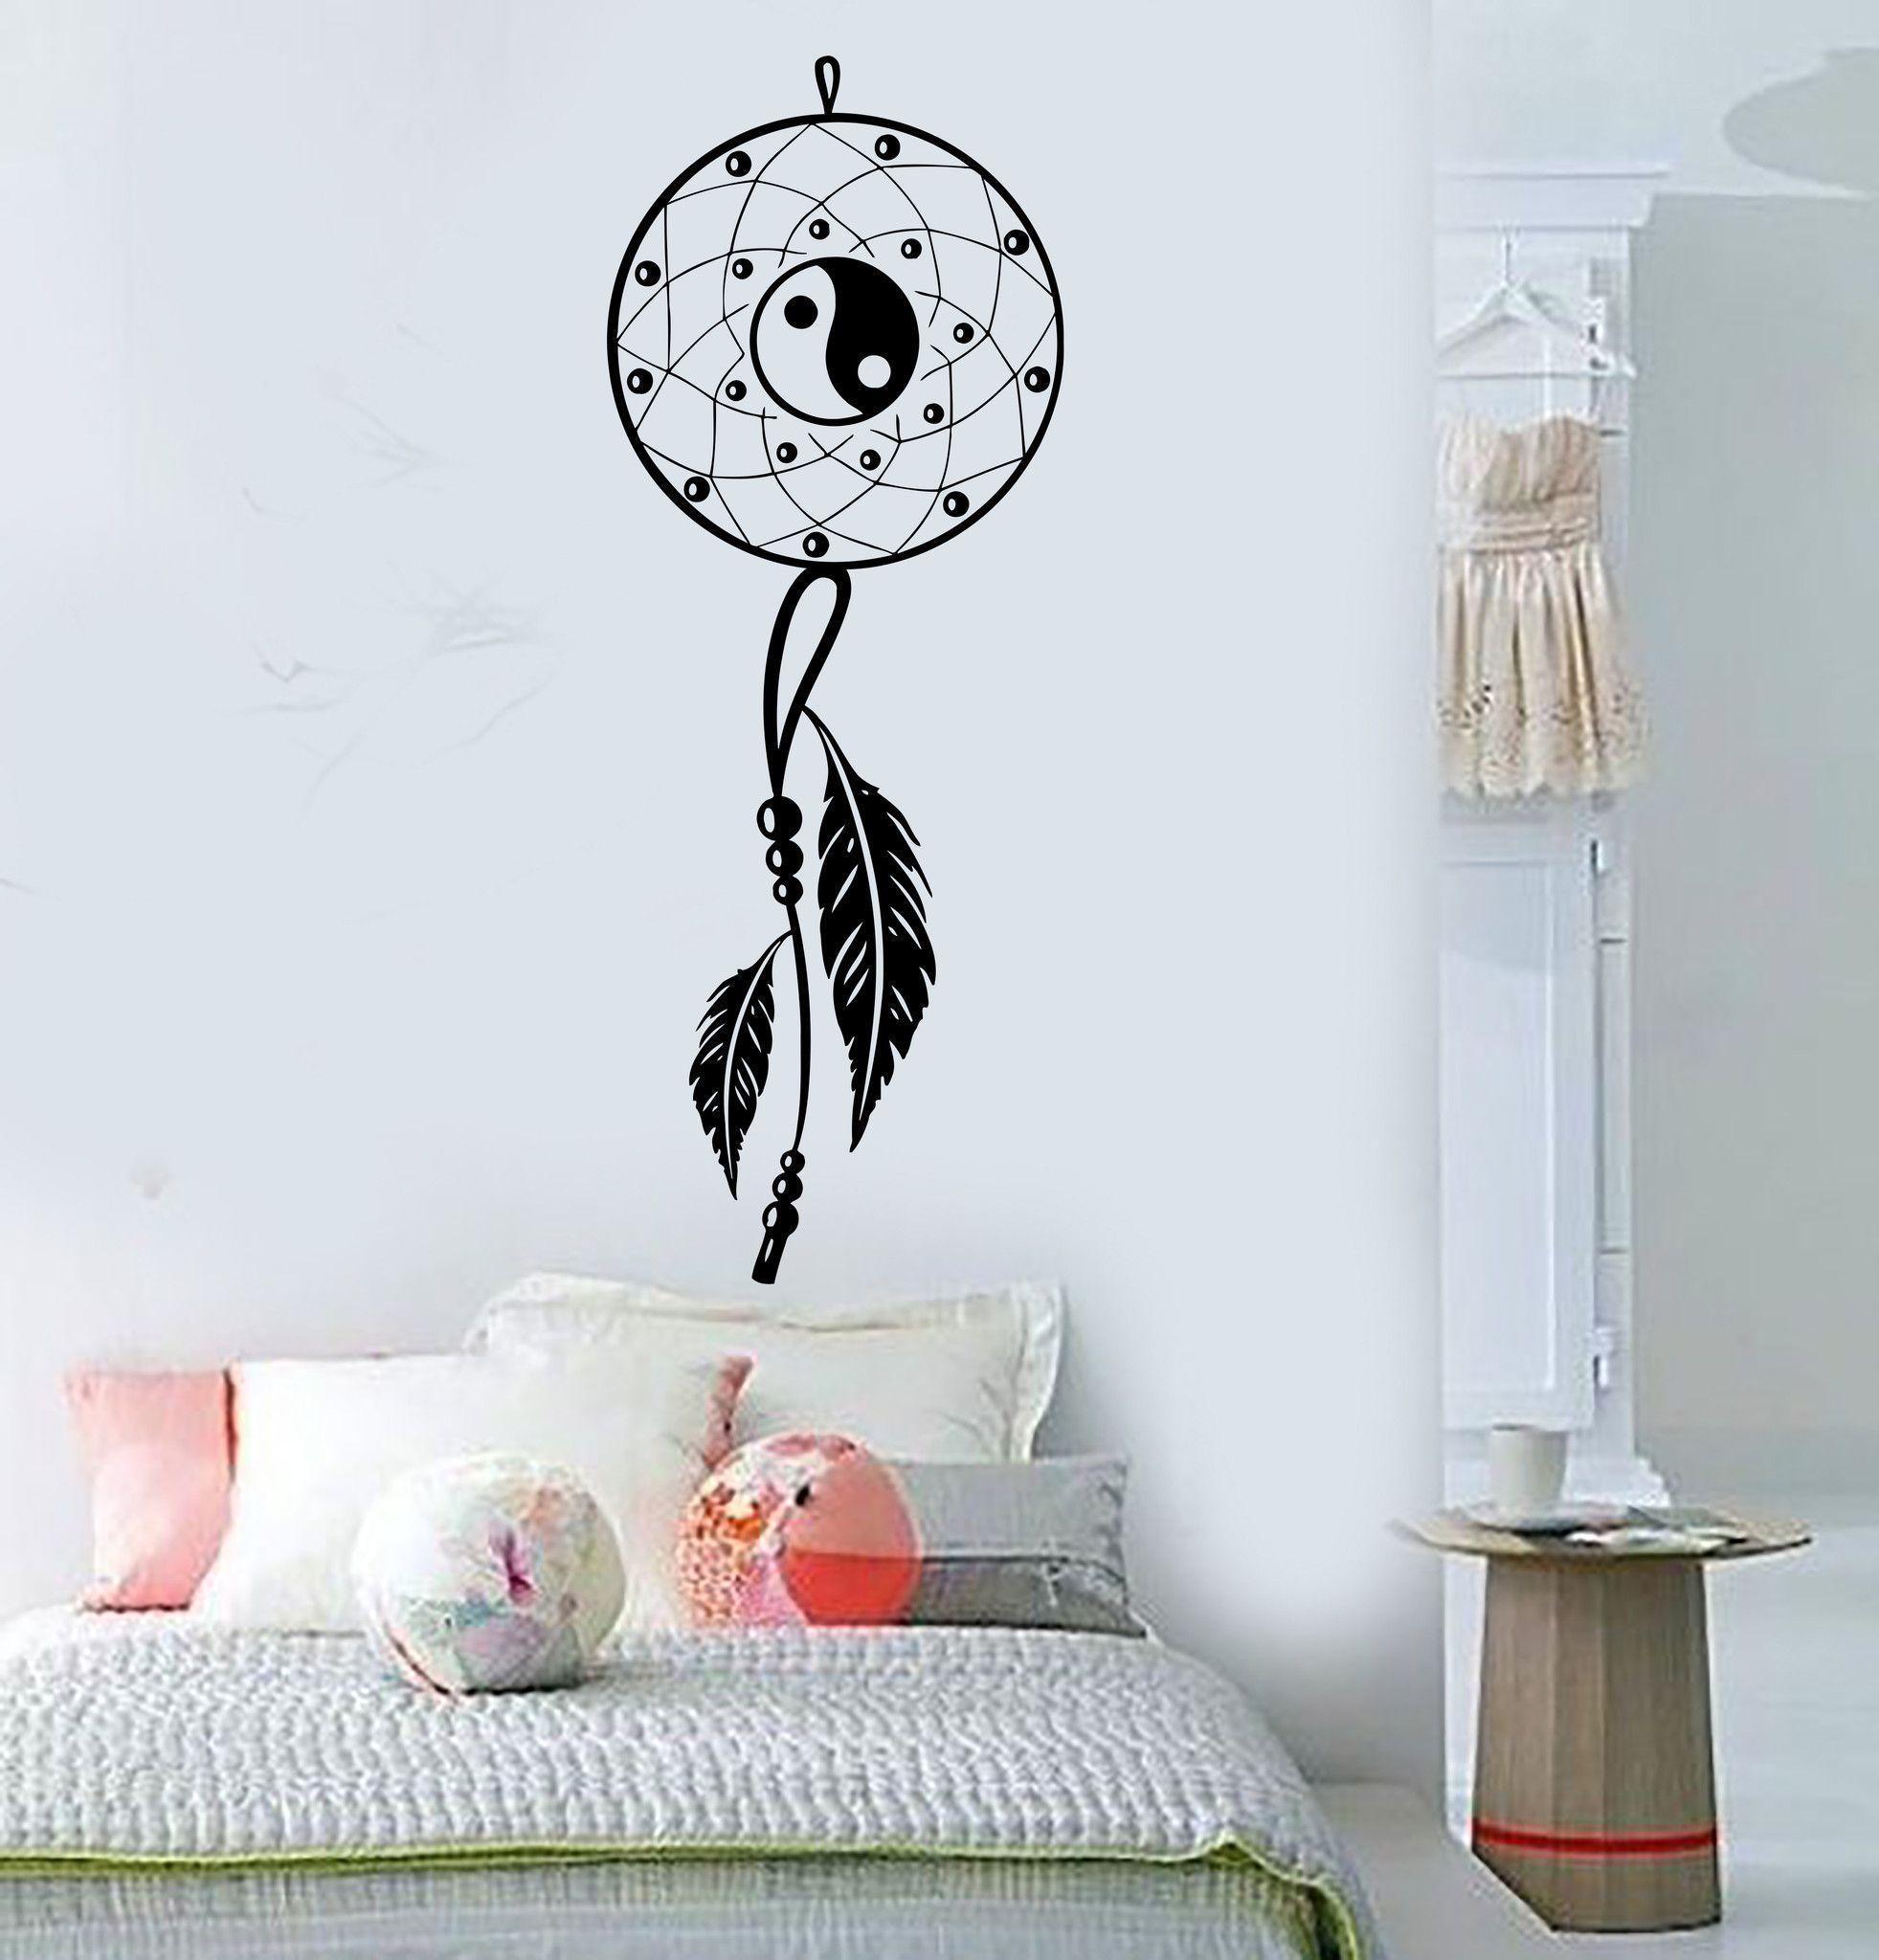 vinyl wall decal dream catcher bedroom yin yang feathers stickers vinyl wall decal dream catcher bedroom yin yang feathers stickers 400ig